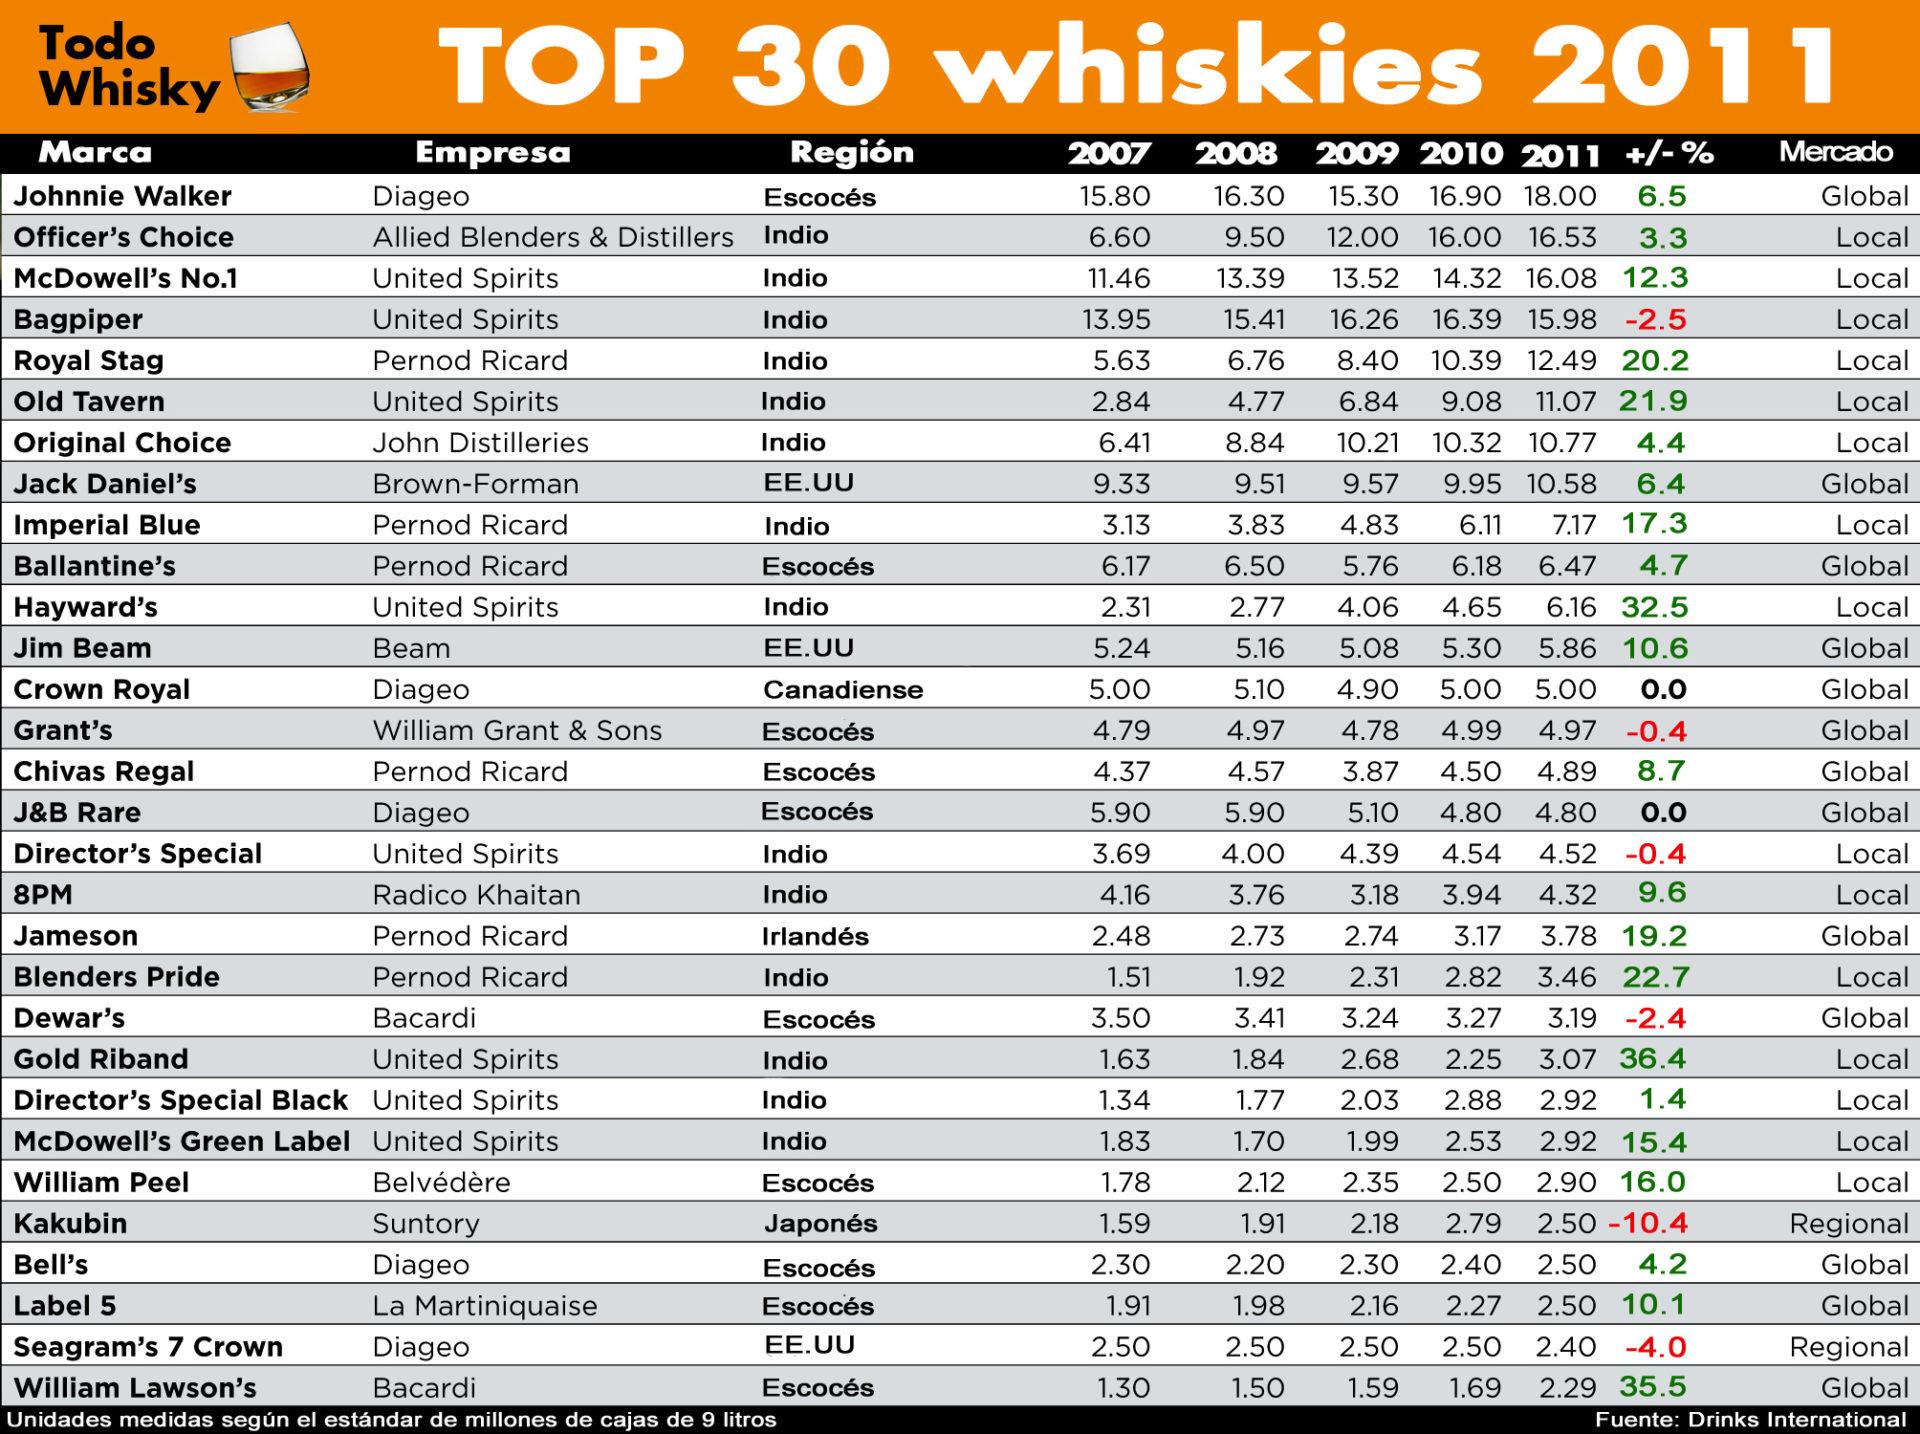 Top 30 whiskies más vendidos del 2011